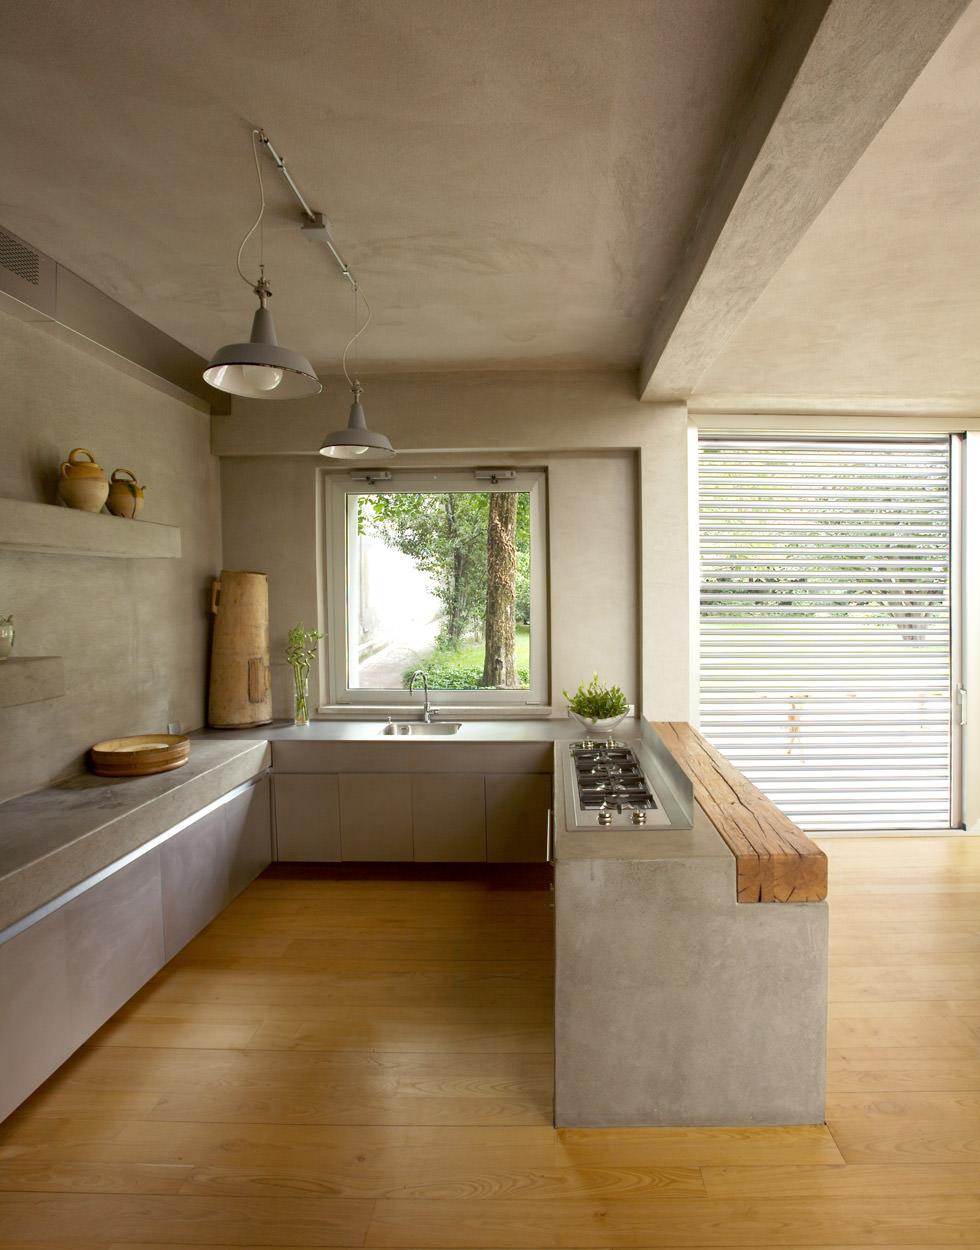 Cucina in muratura • 70 Idee per cucine moderne, rustiche ...